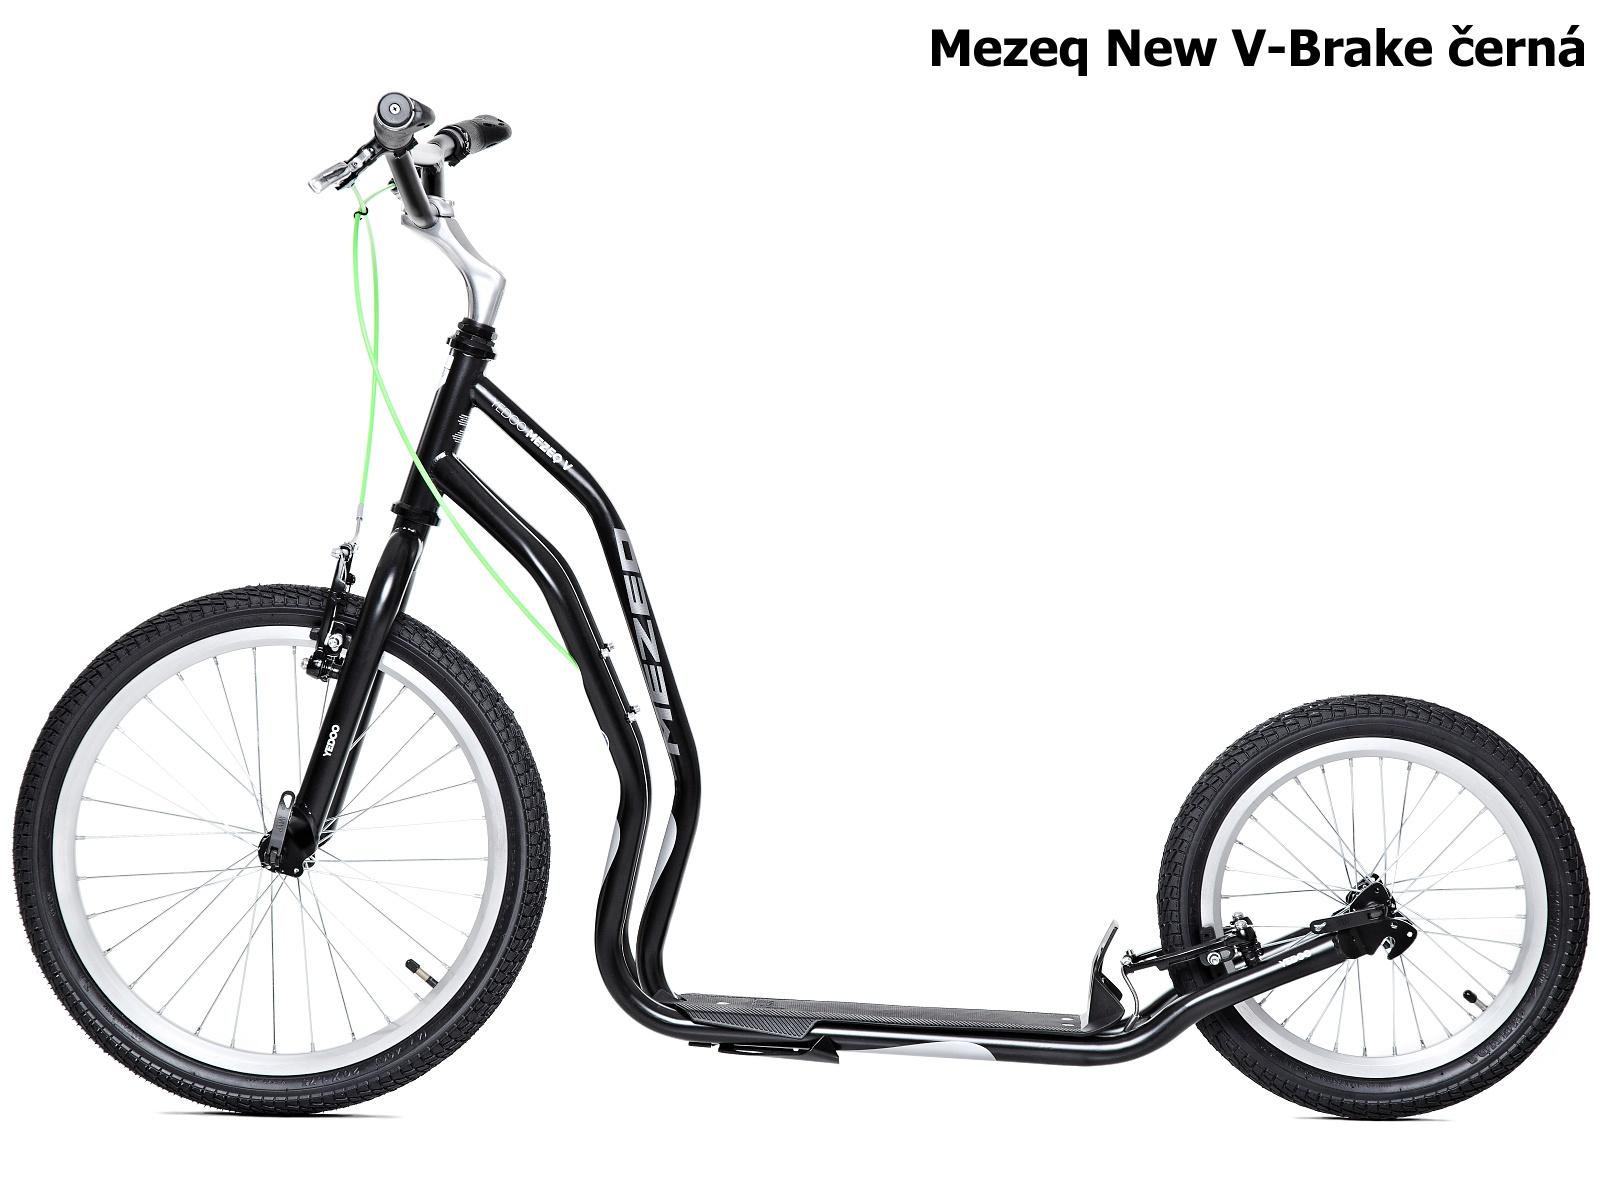 Koloběžka YEDOO Mezeq New V-Brake 20-16 černá